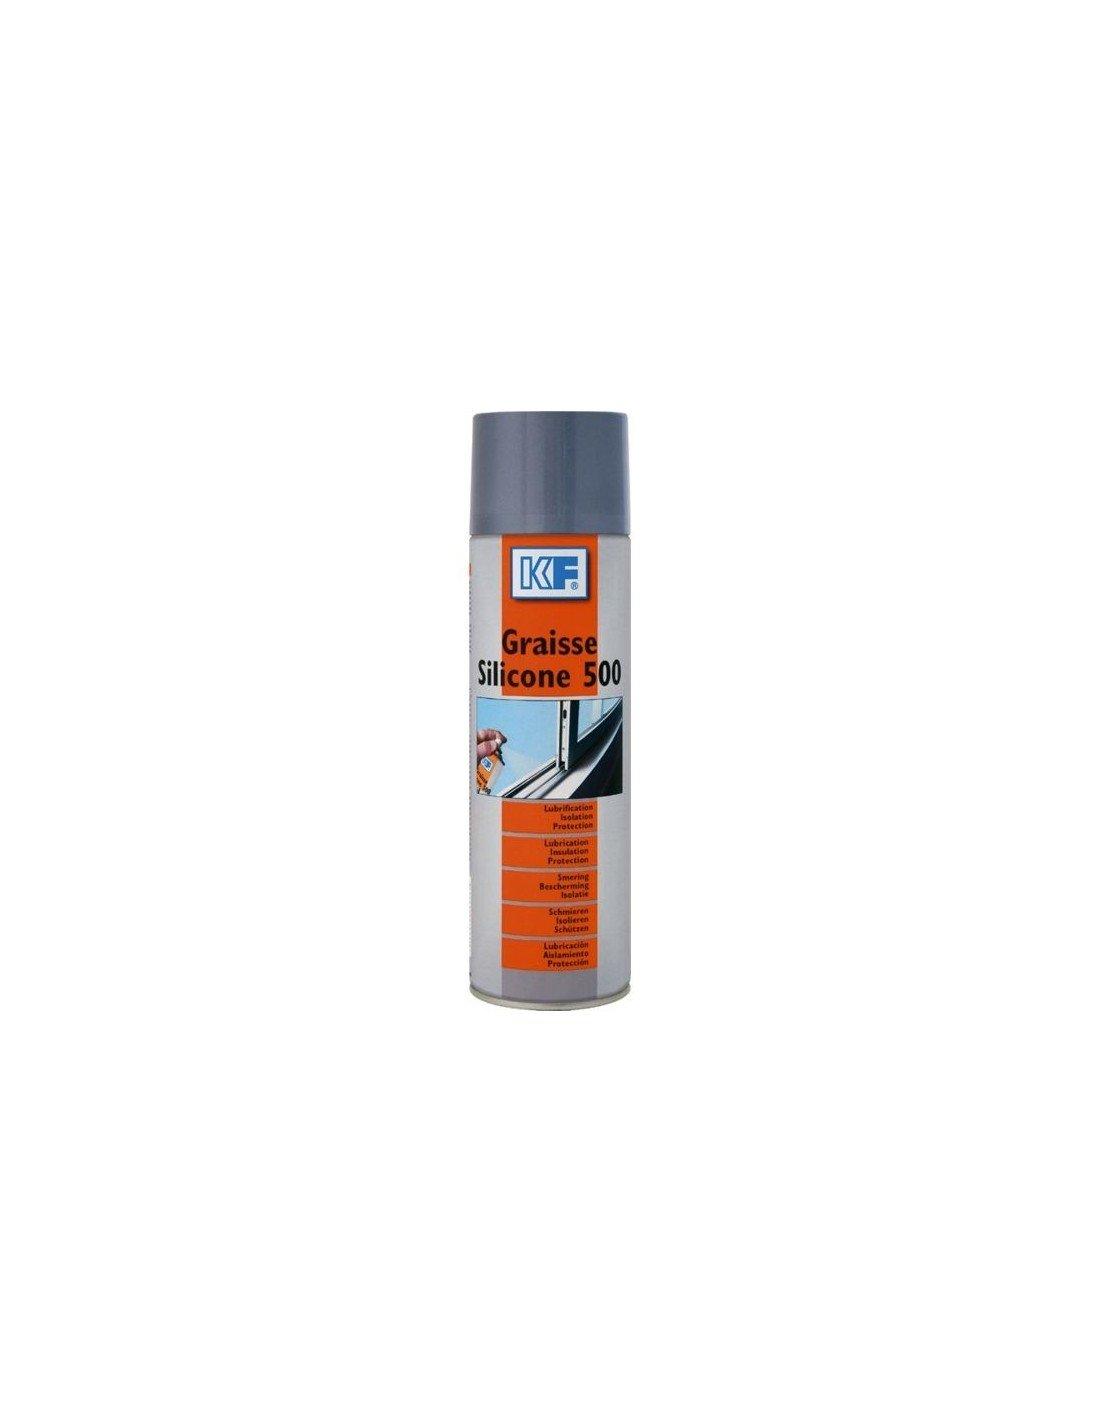 KF 6088-AA Grasa Silicona Aislante, lubricante y Protectora CRC Industries